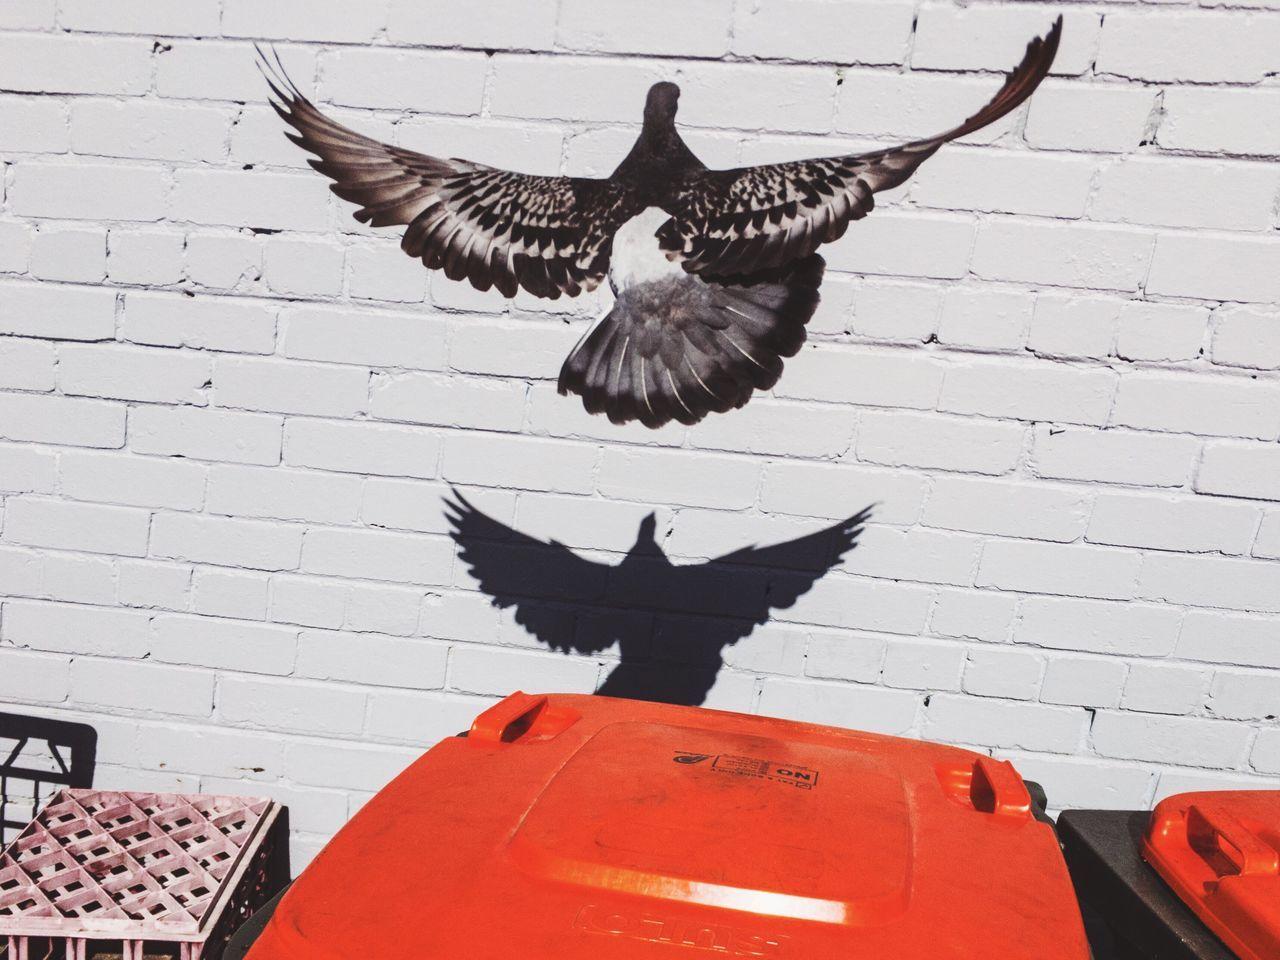 BLACK BIRD FLYING OVER A ZEBRA